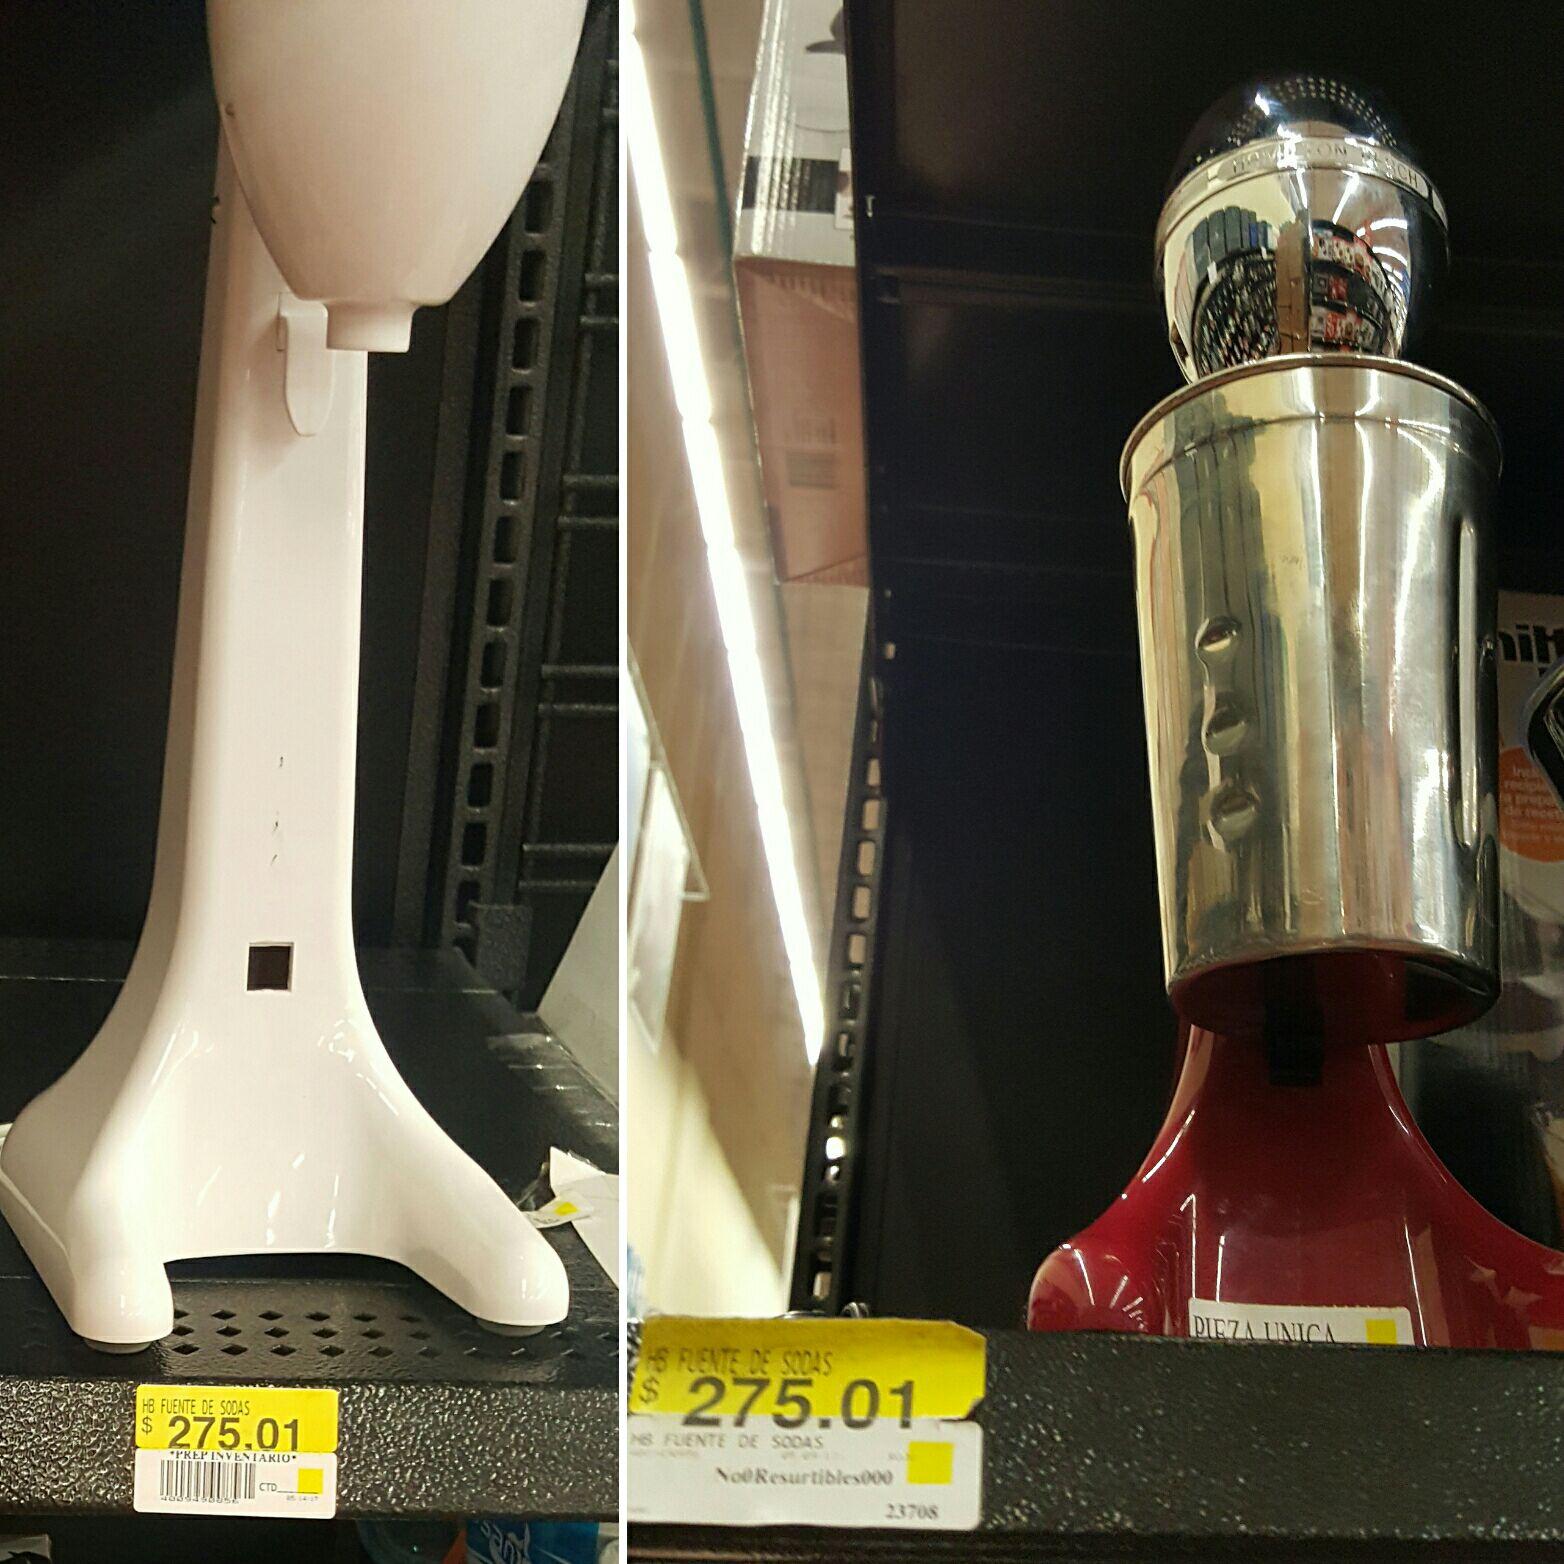 Walmart Copilco: fuente de sodas Hamilton a $275.01